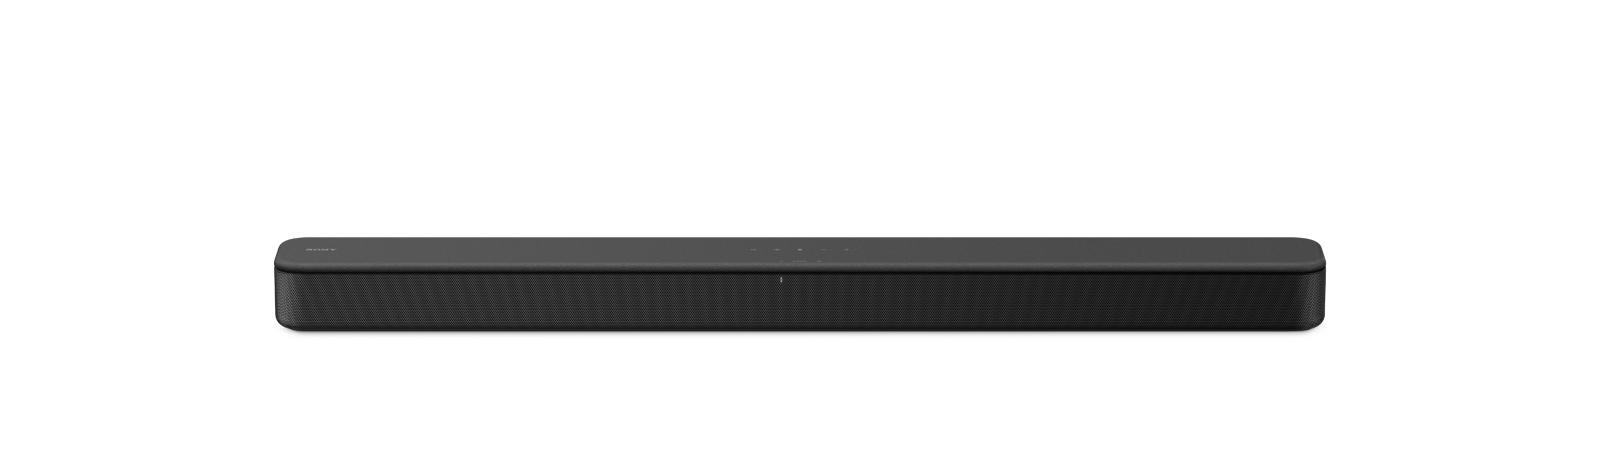 Sony HT-SF150 2.0 channels Black